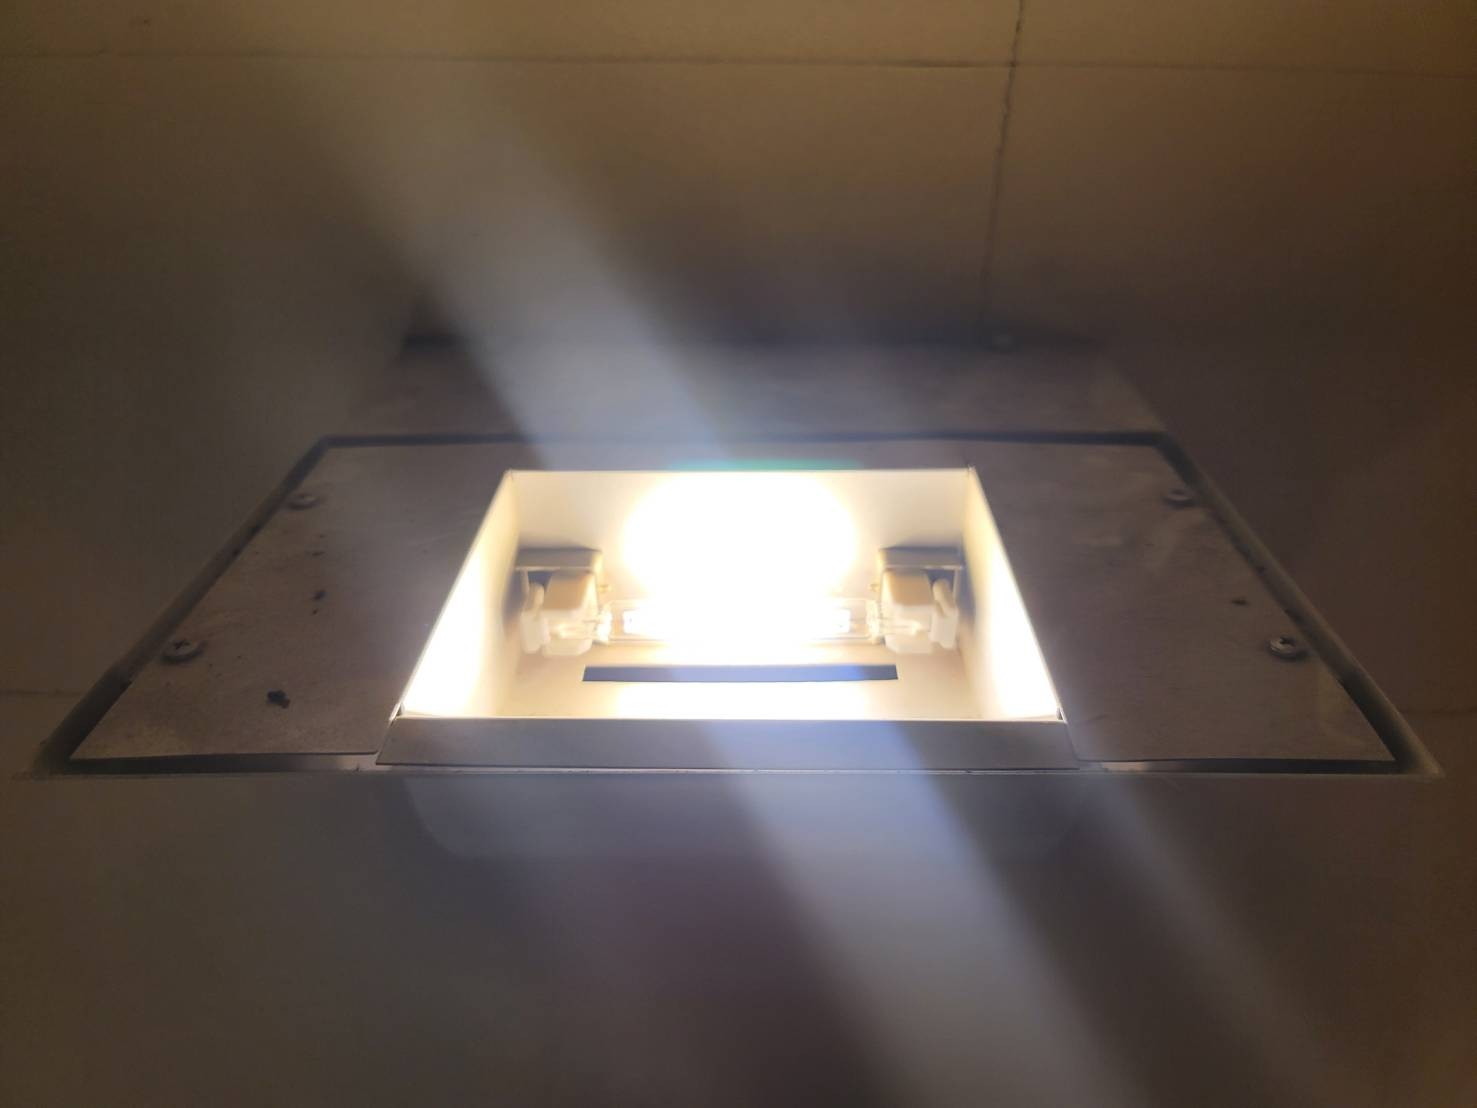 LED(ハロゲンランプ型)点灯状況